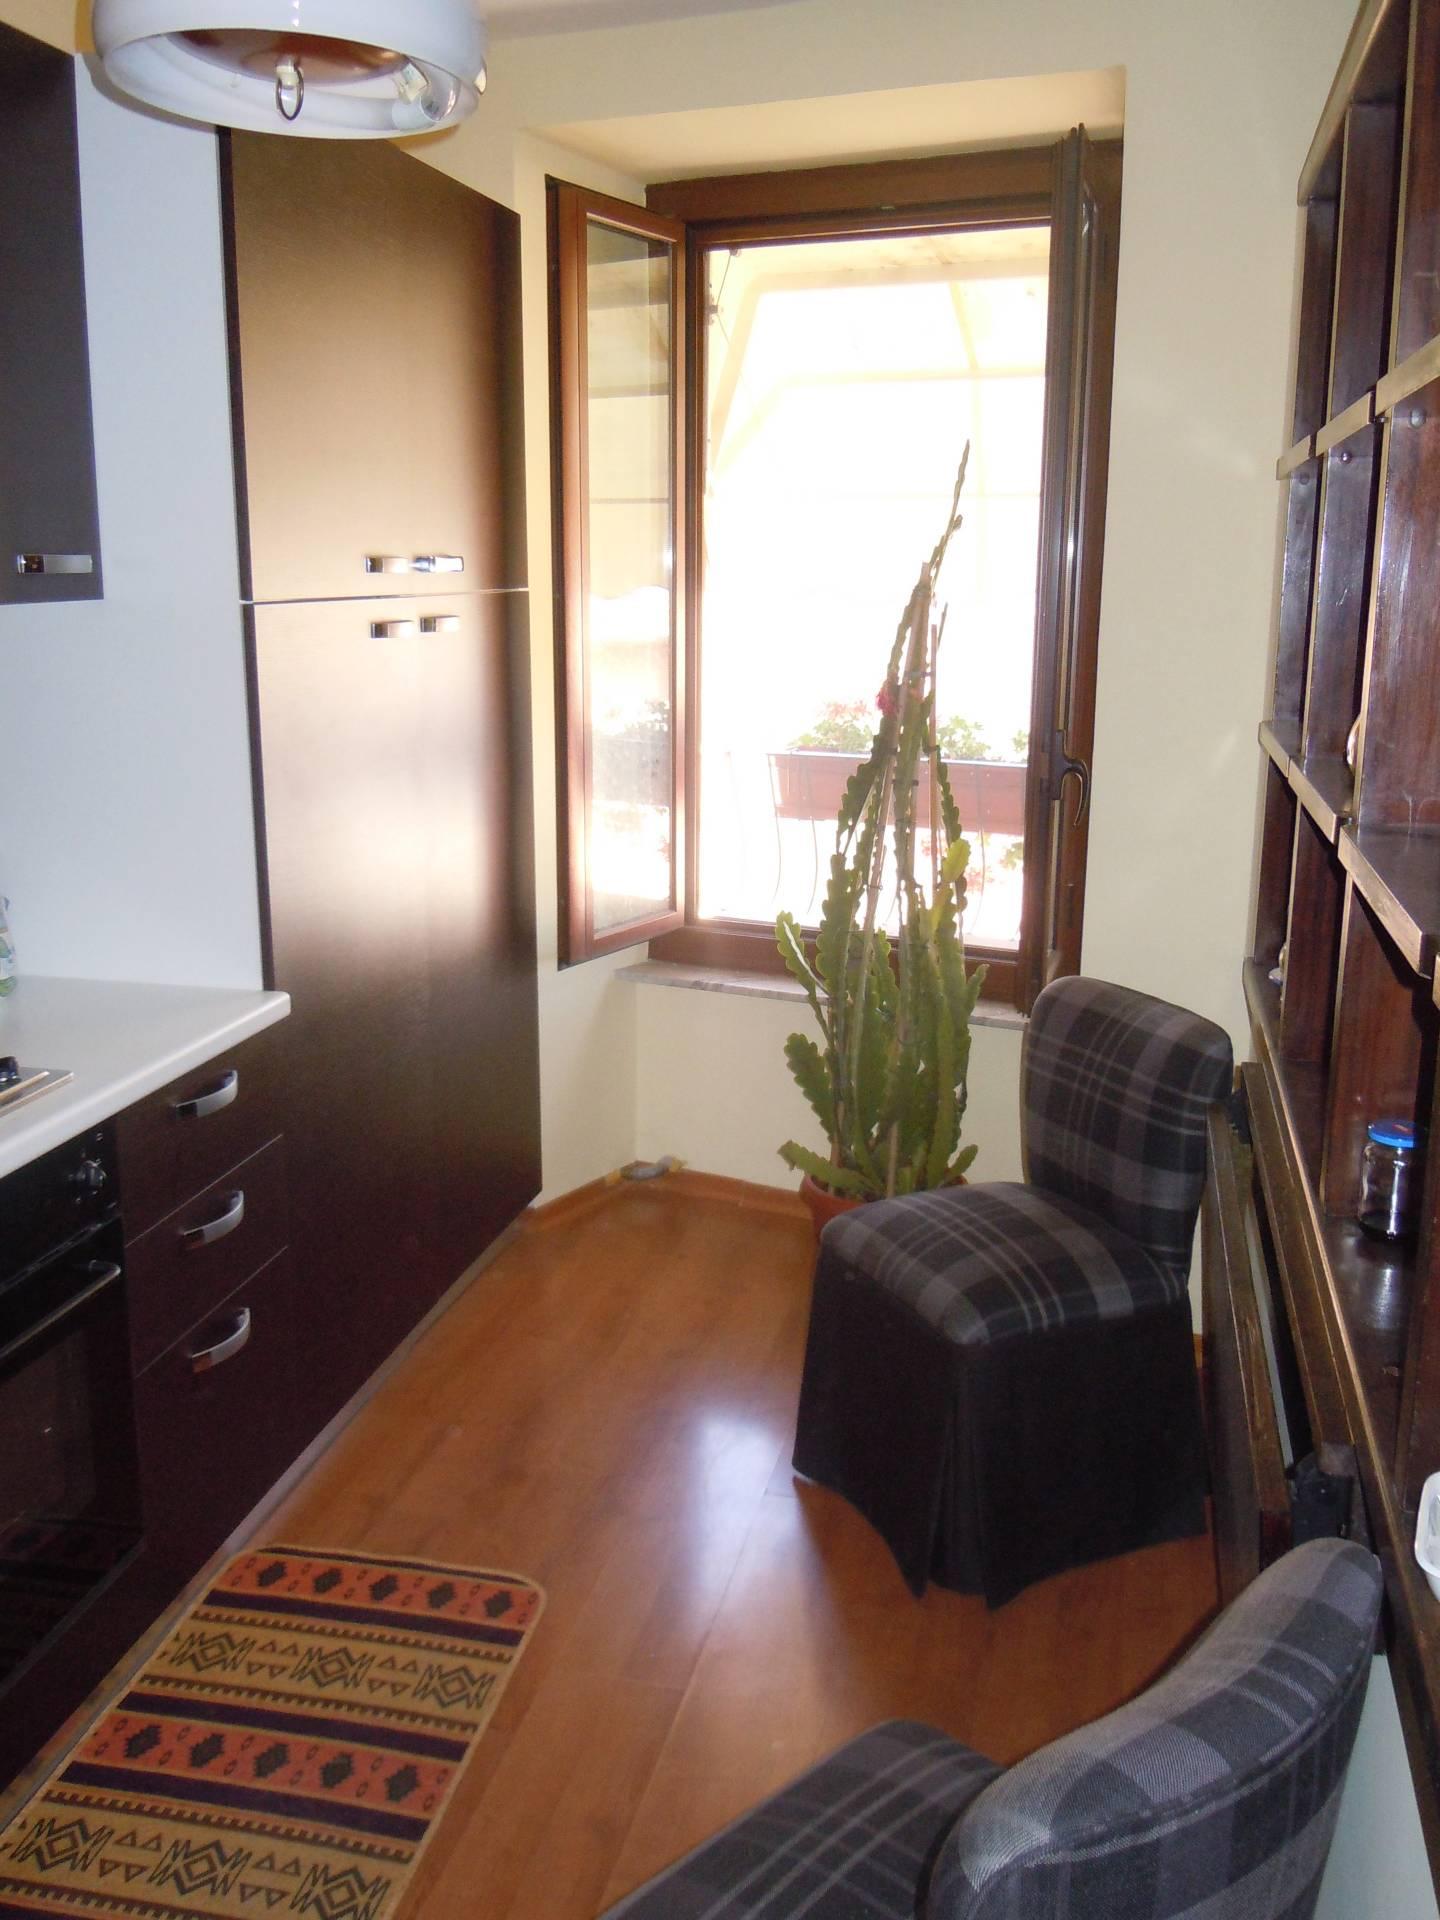 Bilocale Viterbo Via San Pellegrino 4